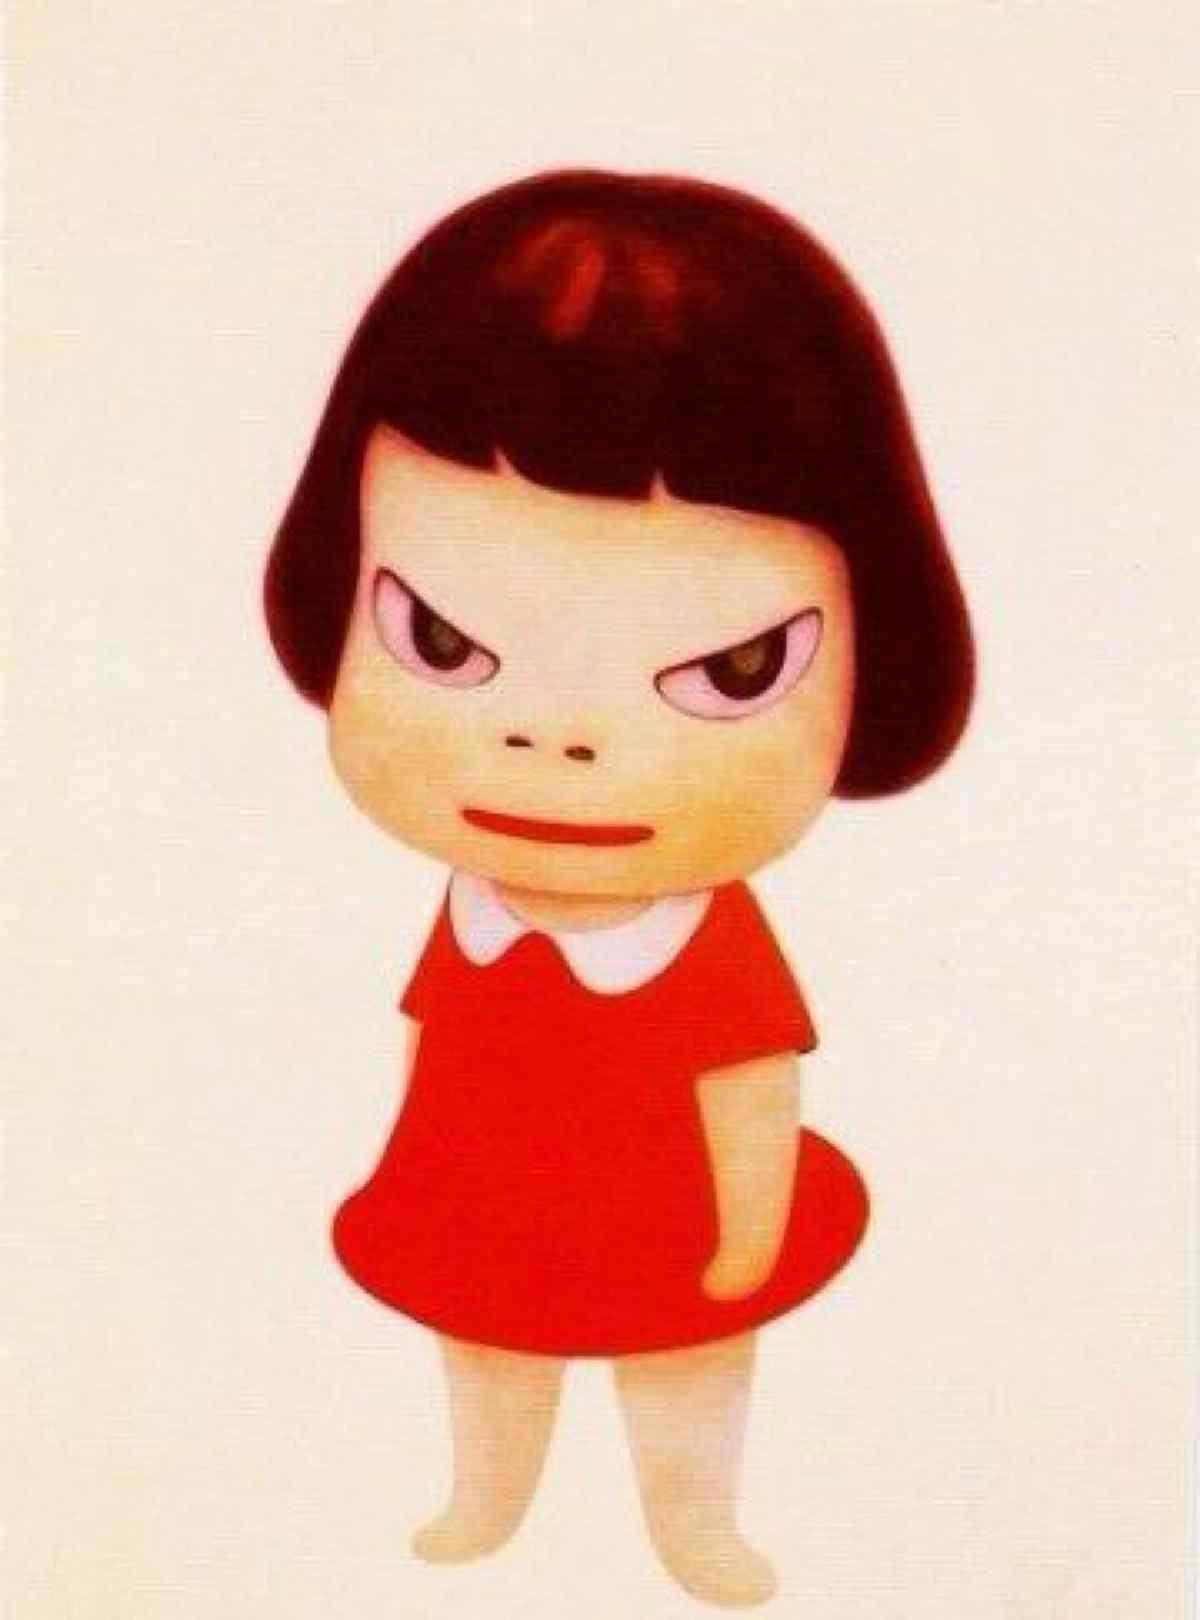 奈良美智手绘大头娃娃桌面壁纸